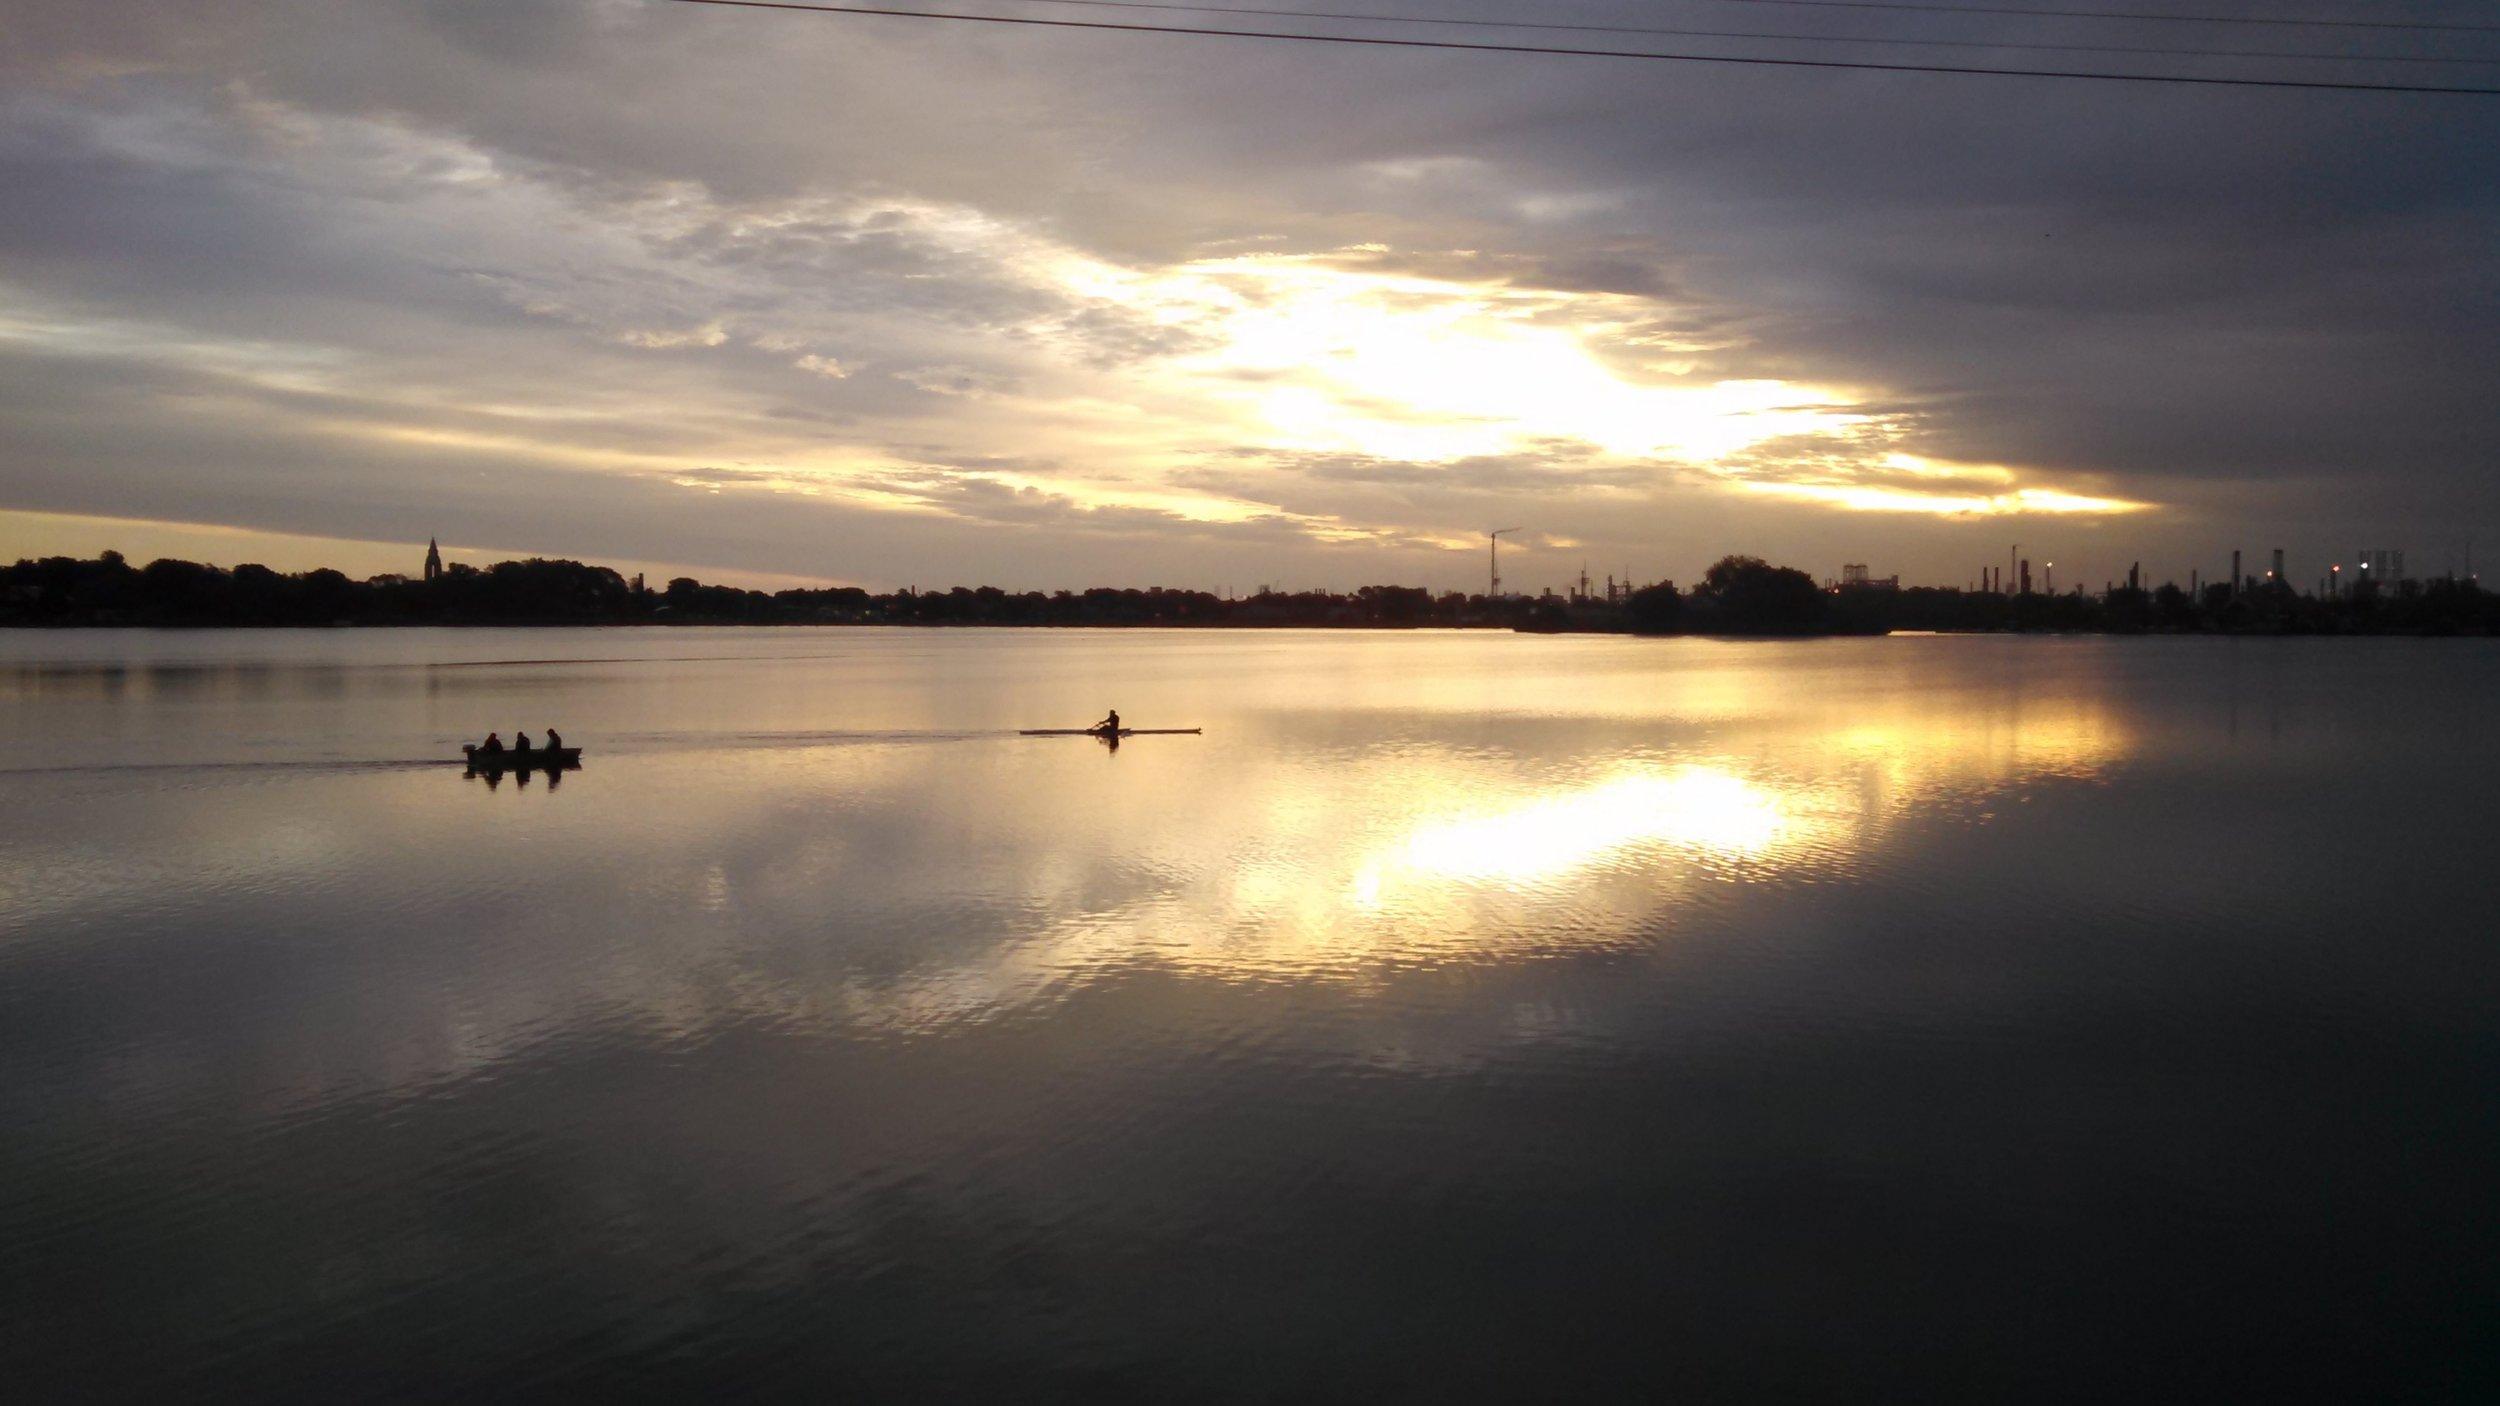 Rower on Wolf Lake 2.jpg